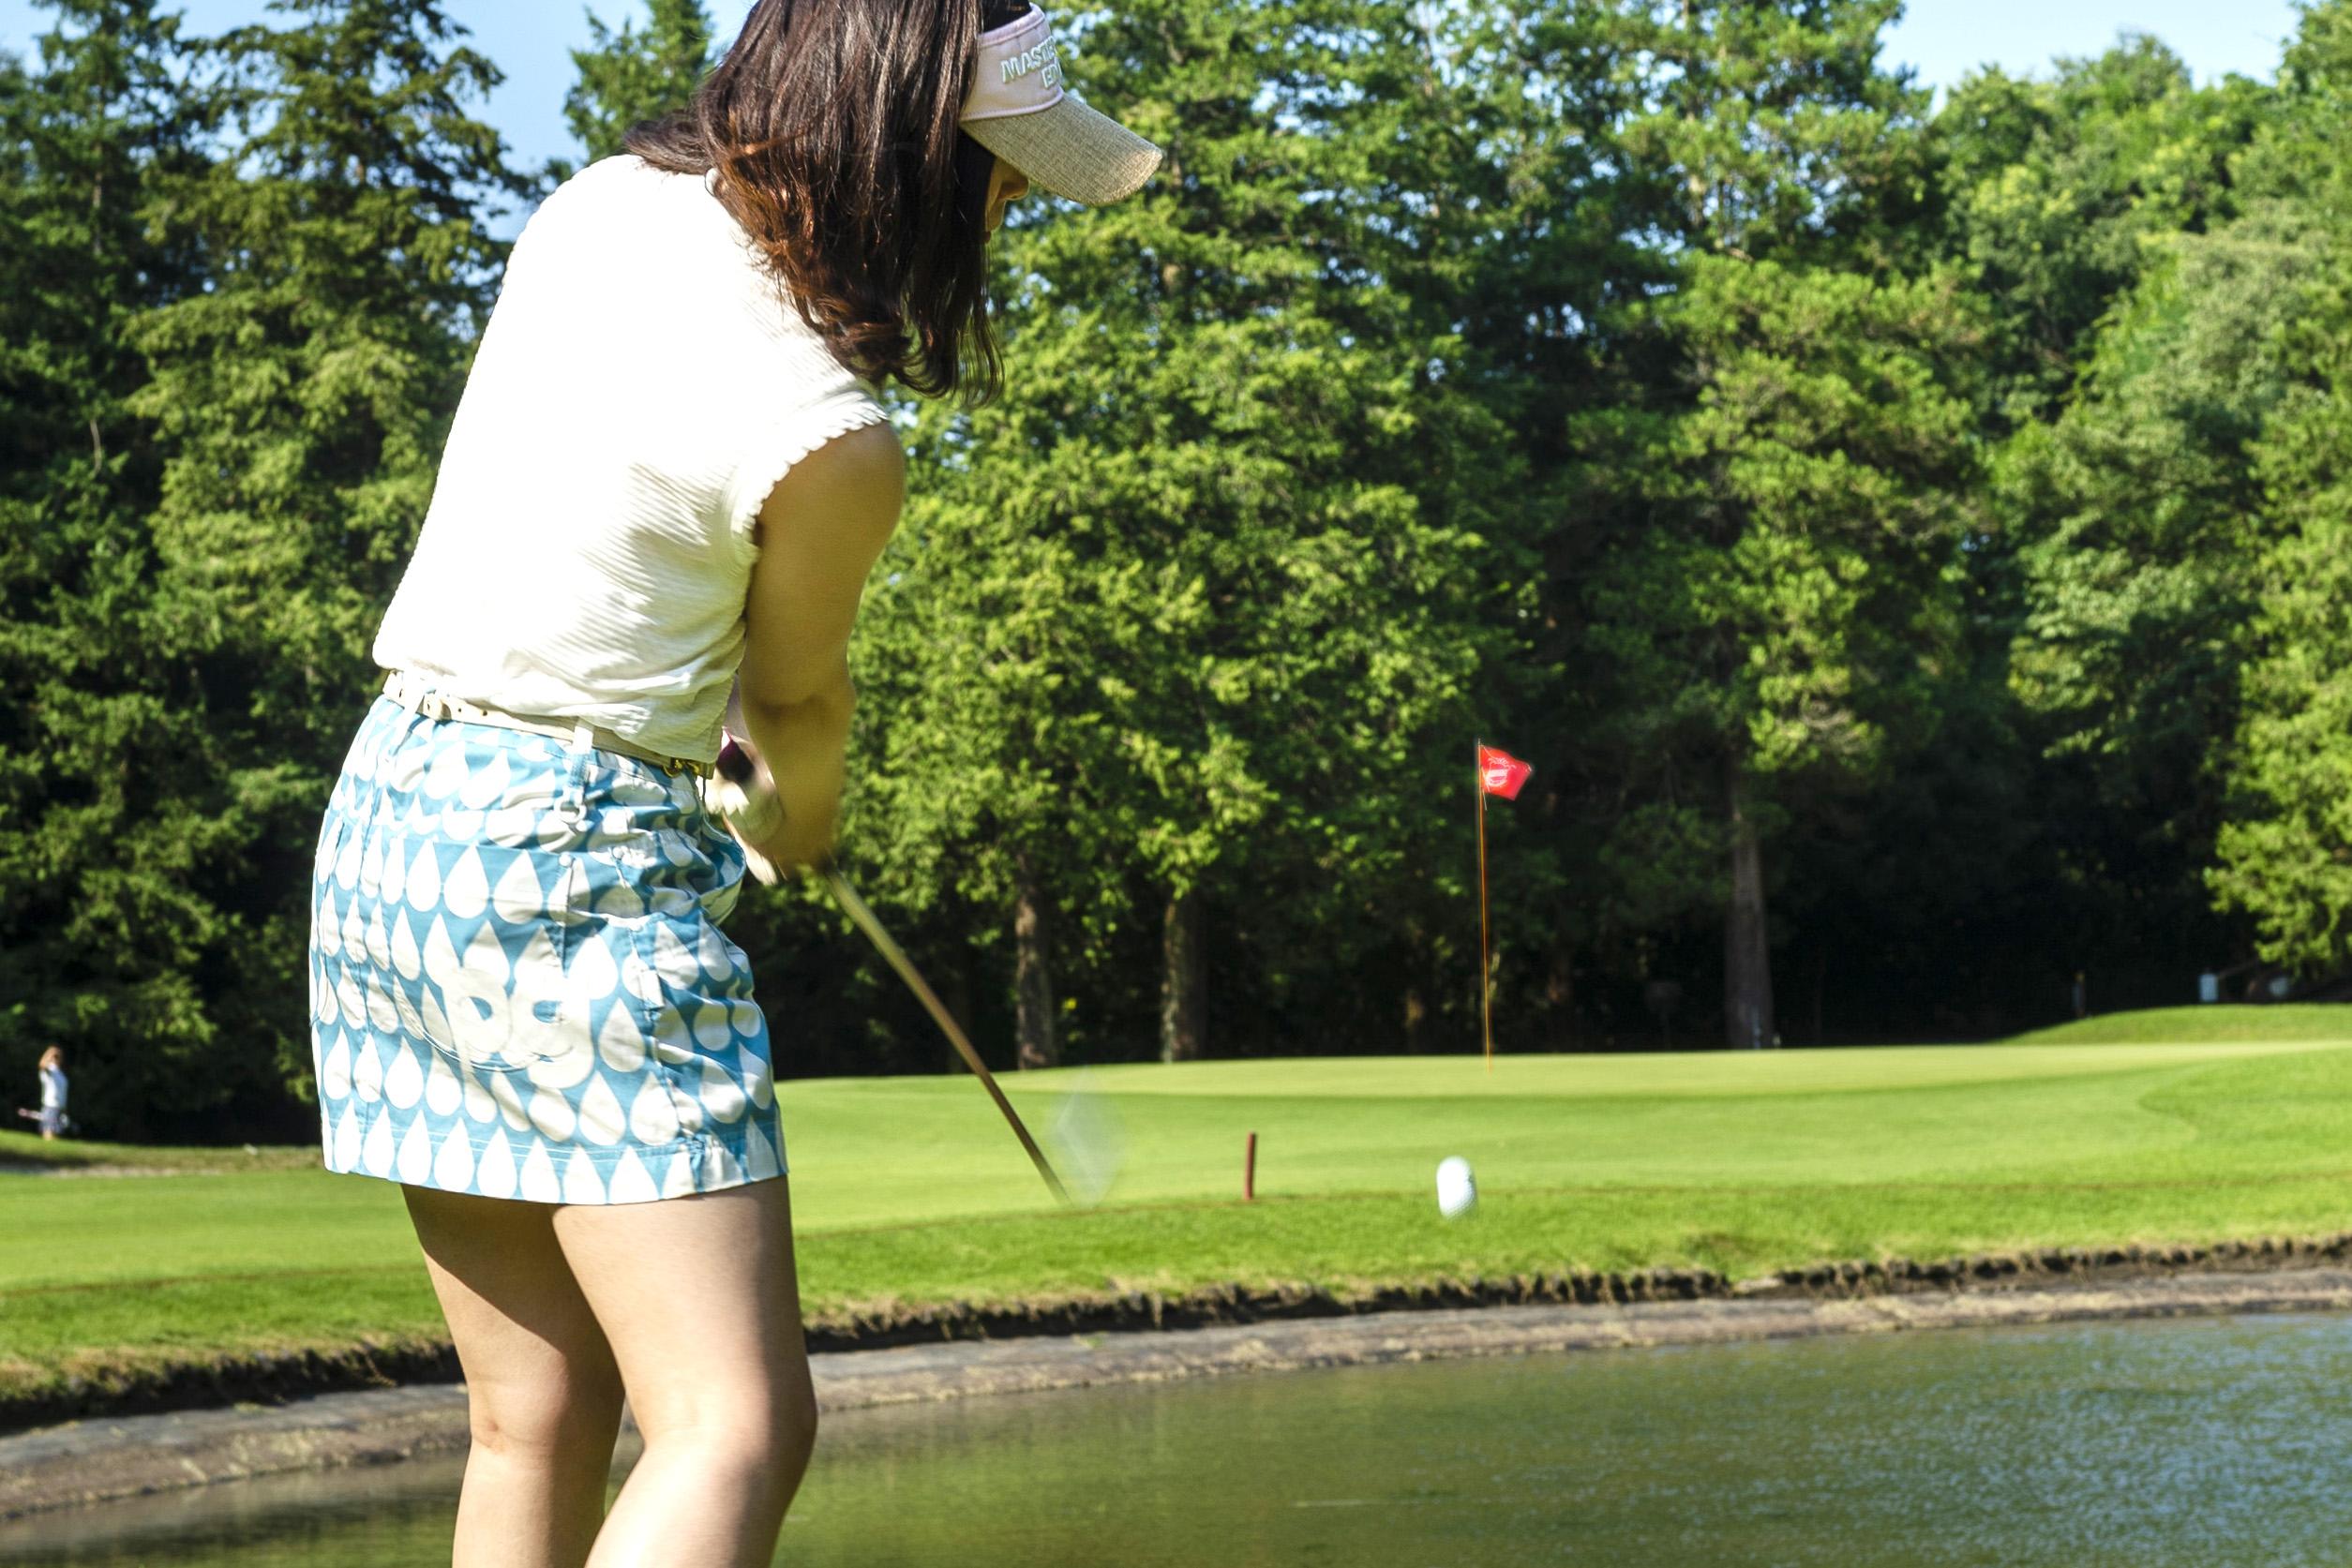 池を越えたのに、戻ってポチャ。この場合、池の向こう側にドロップできる?